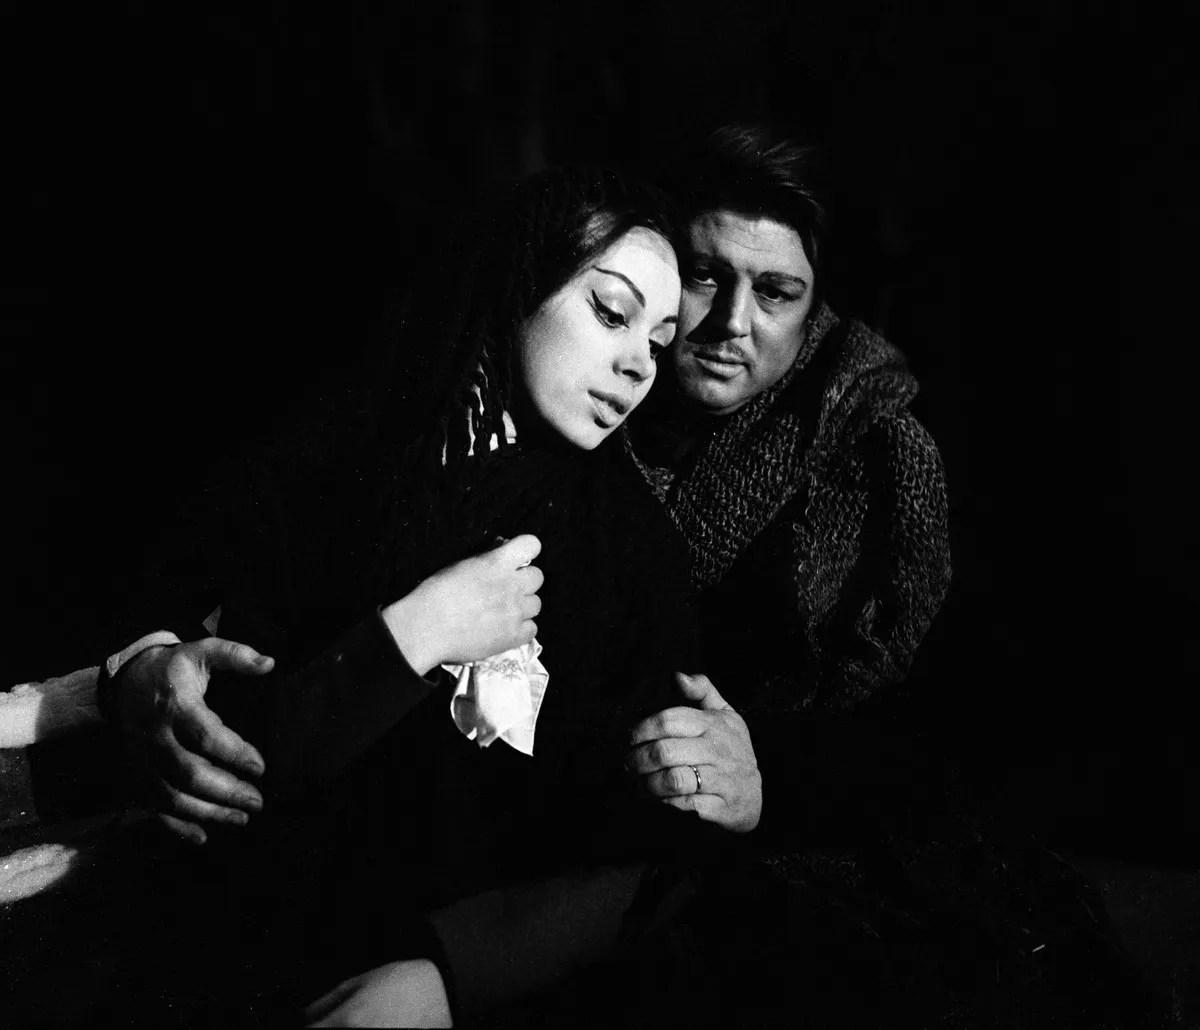 03 Mirella Freni in LA BOHEME 1963 with Gianni Raimondi photo by Erio Piccagliani © Teatro alla Scala 01